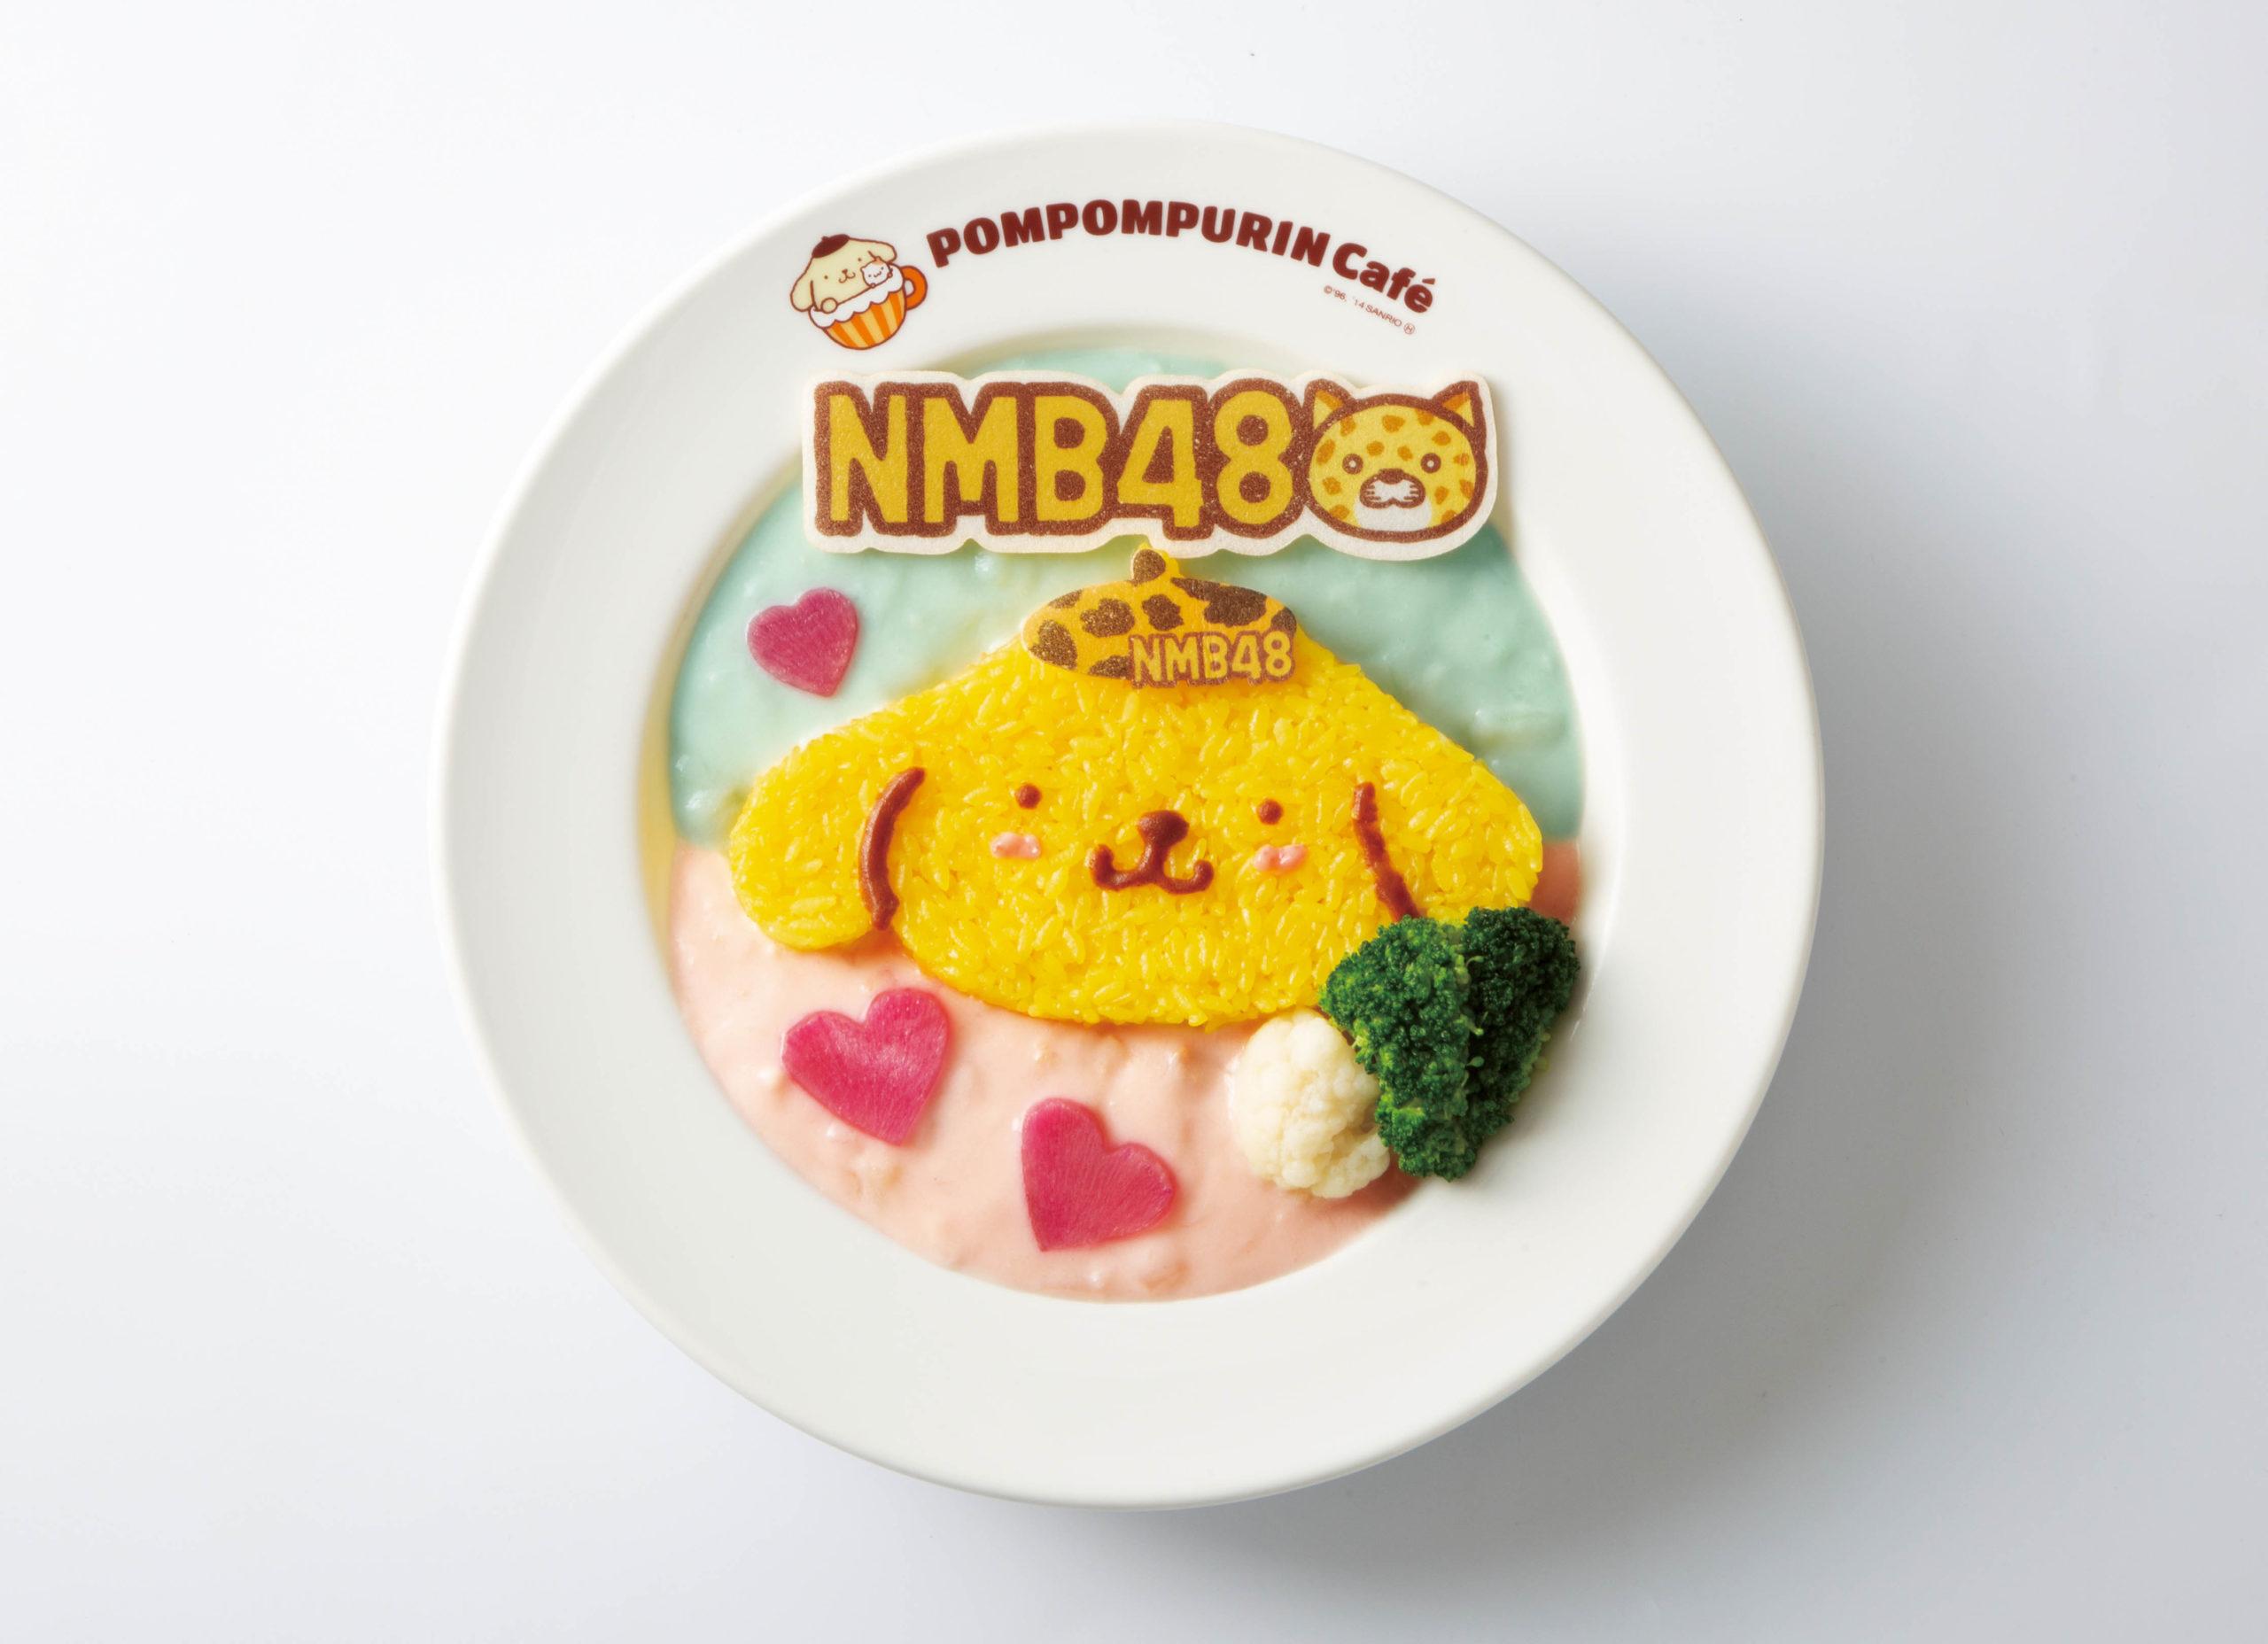 NMB48×ポムポムプリンカフェがコラボ